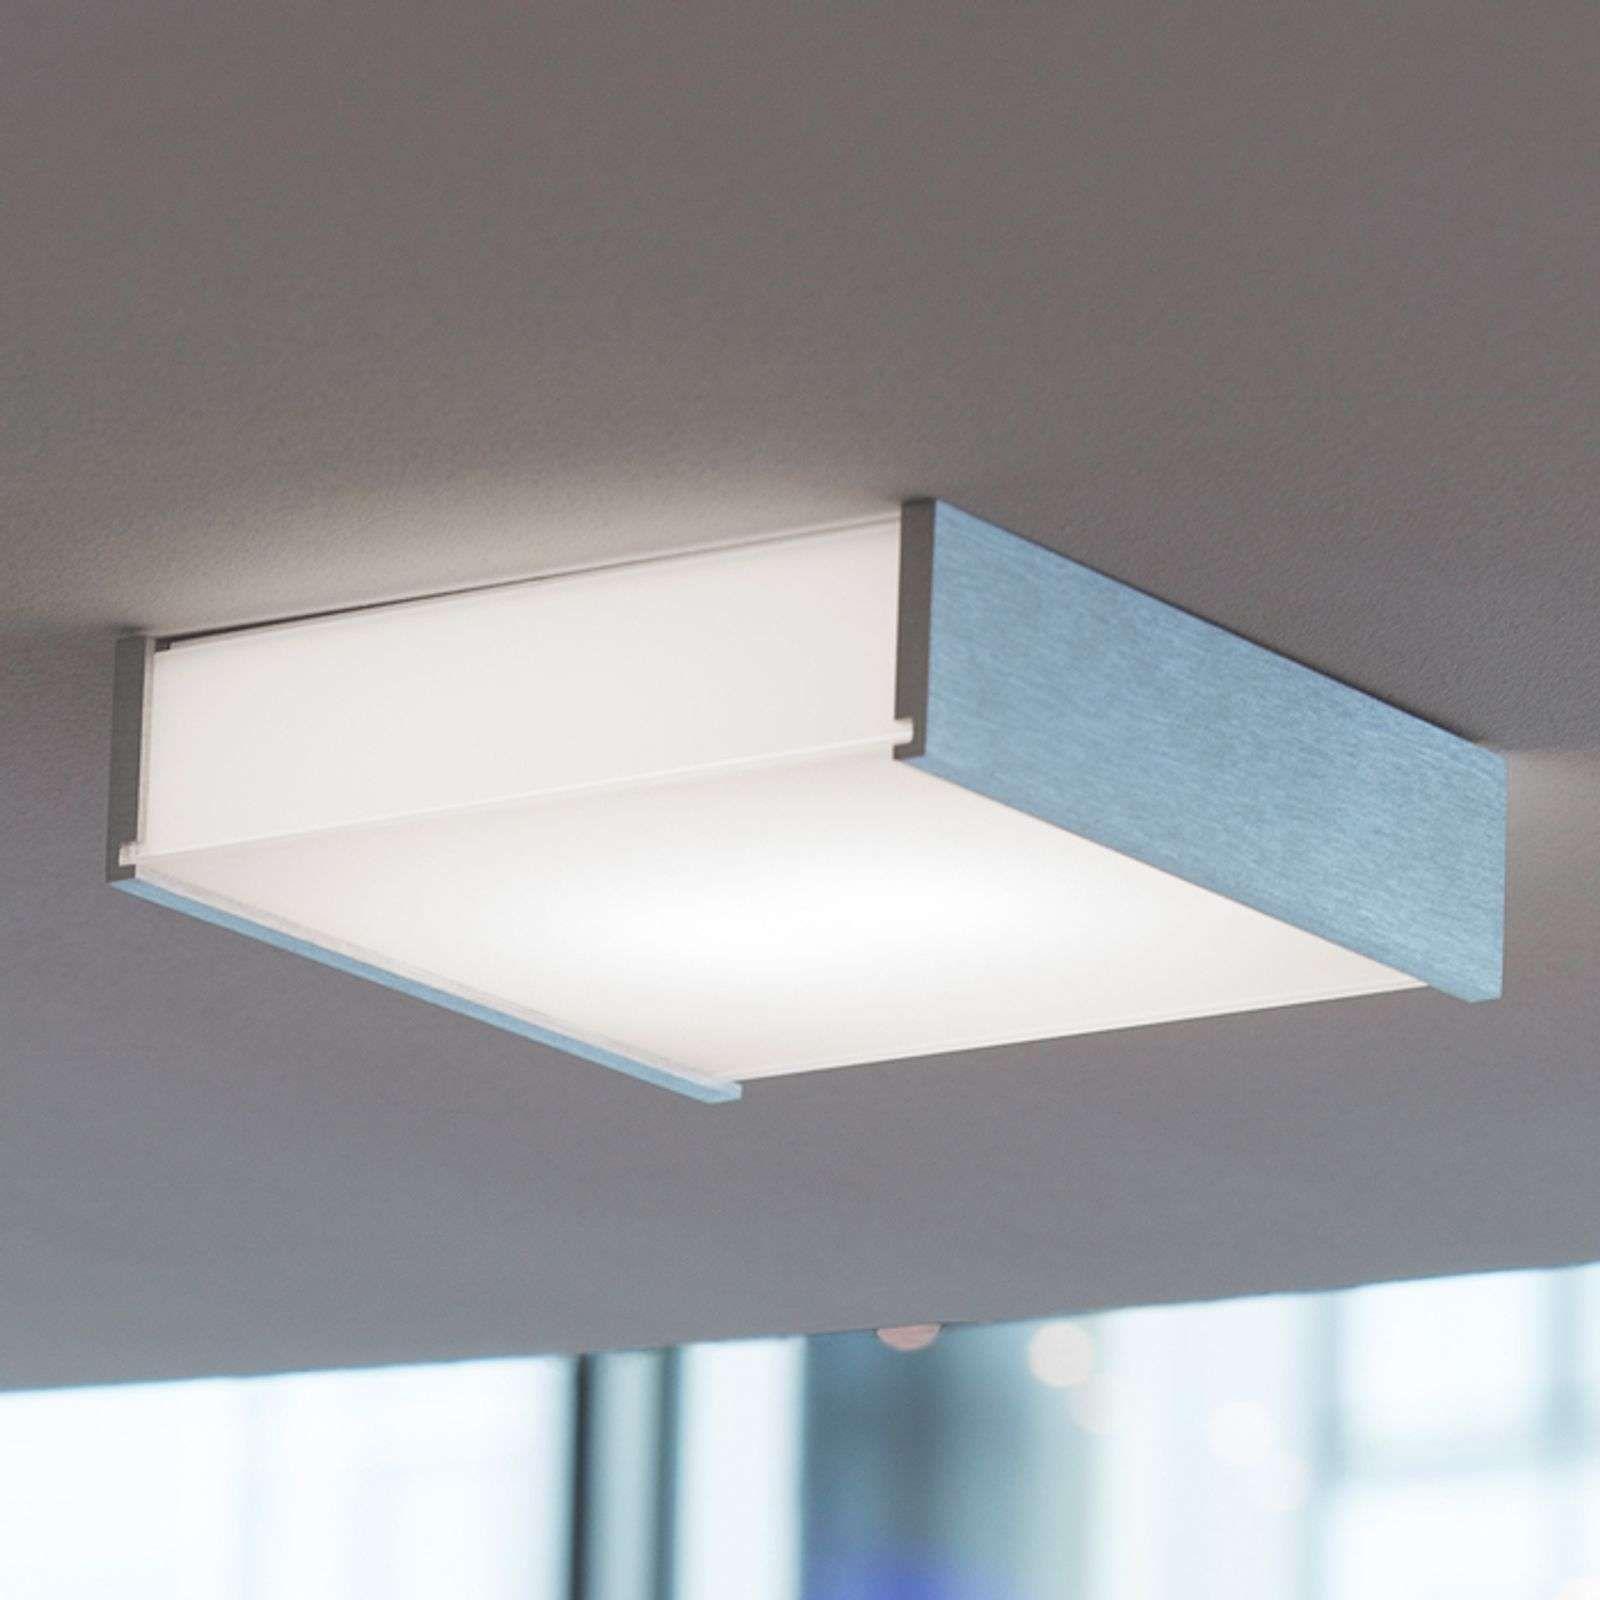 Badezimmer Wandspiegel Beleuchtung Deckenleuchte Rund 100 Cm Stoff Led Deckenfluter 3000 Lumen Moderne Deckenlampe In 2020 Led Beleuchtung Decke Deckenfluter Led